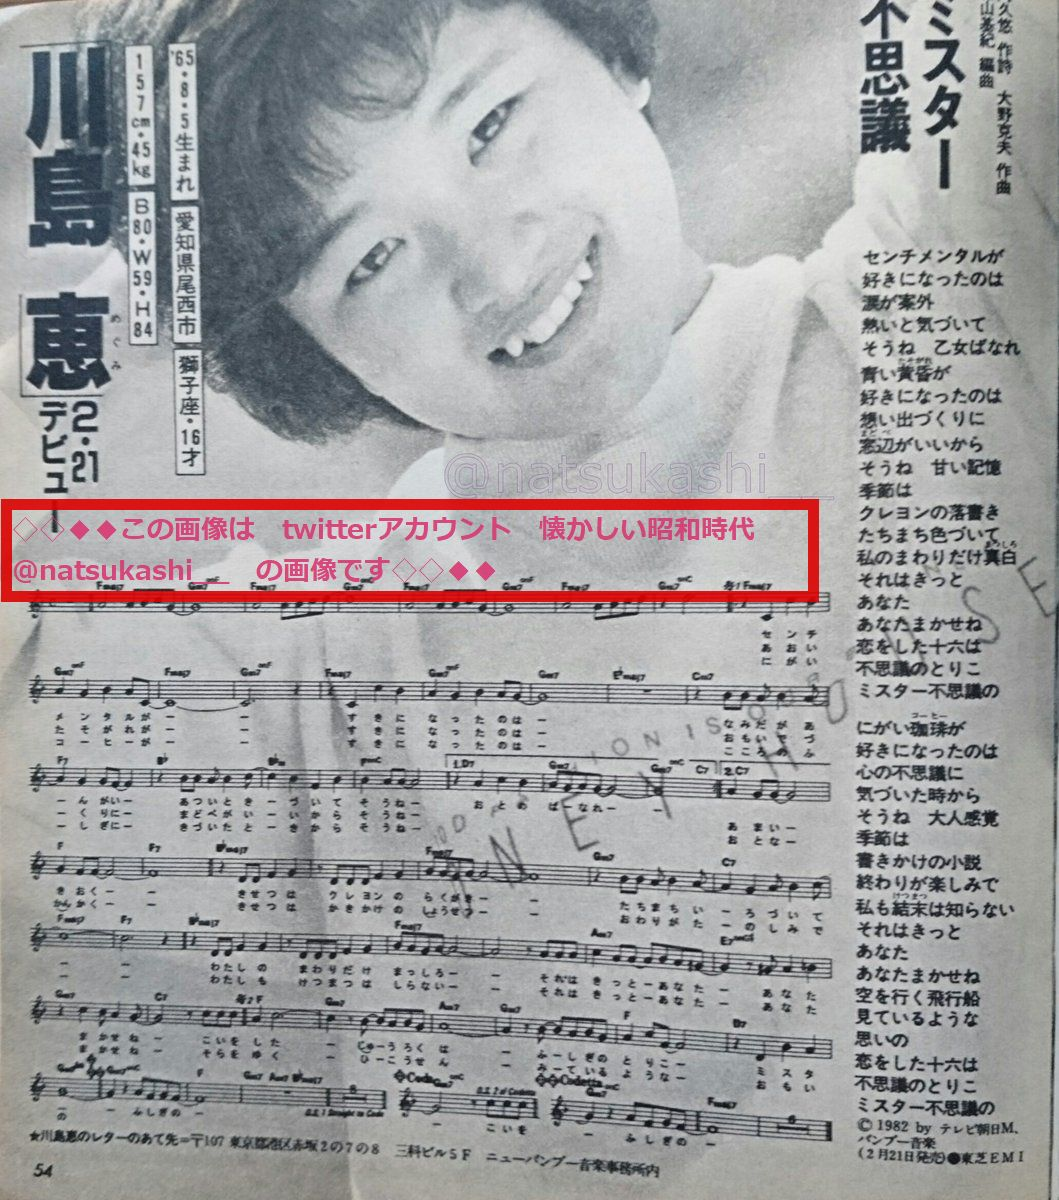 川島恵デビュー曲『ミスター不思議』  明星 ヤンソン 1981年(昭和56年)11月号  #川島恵 #昭和